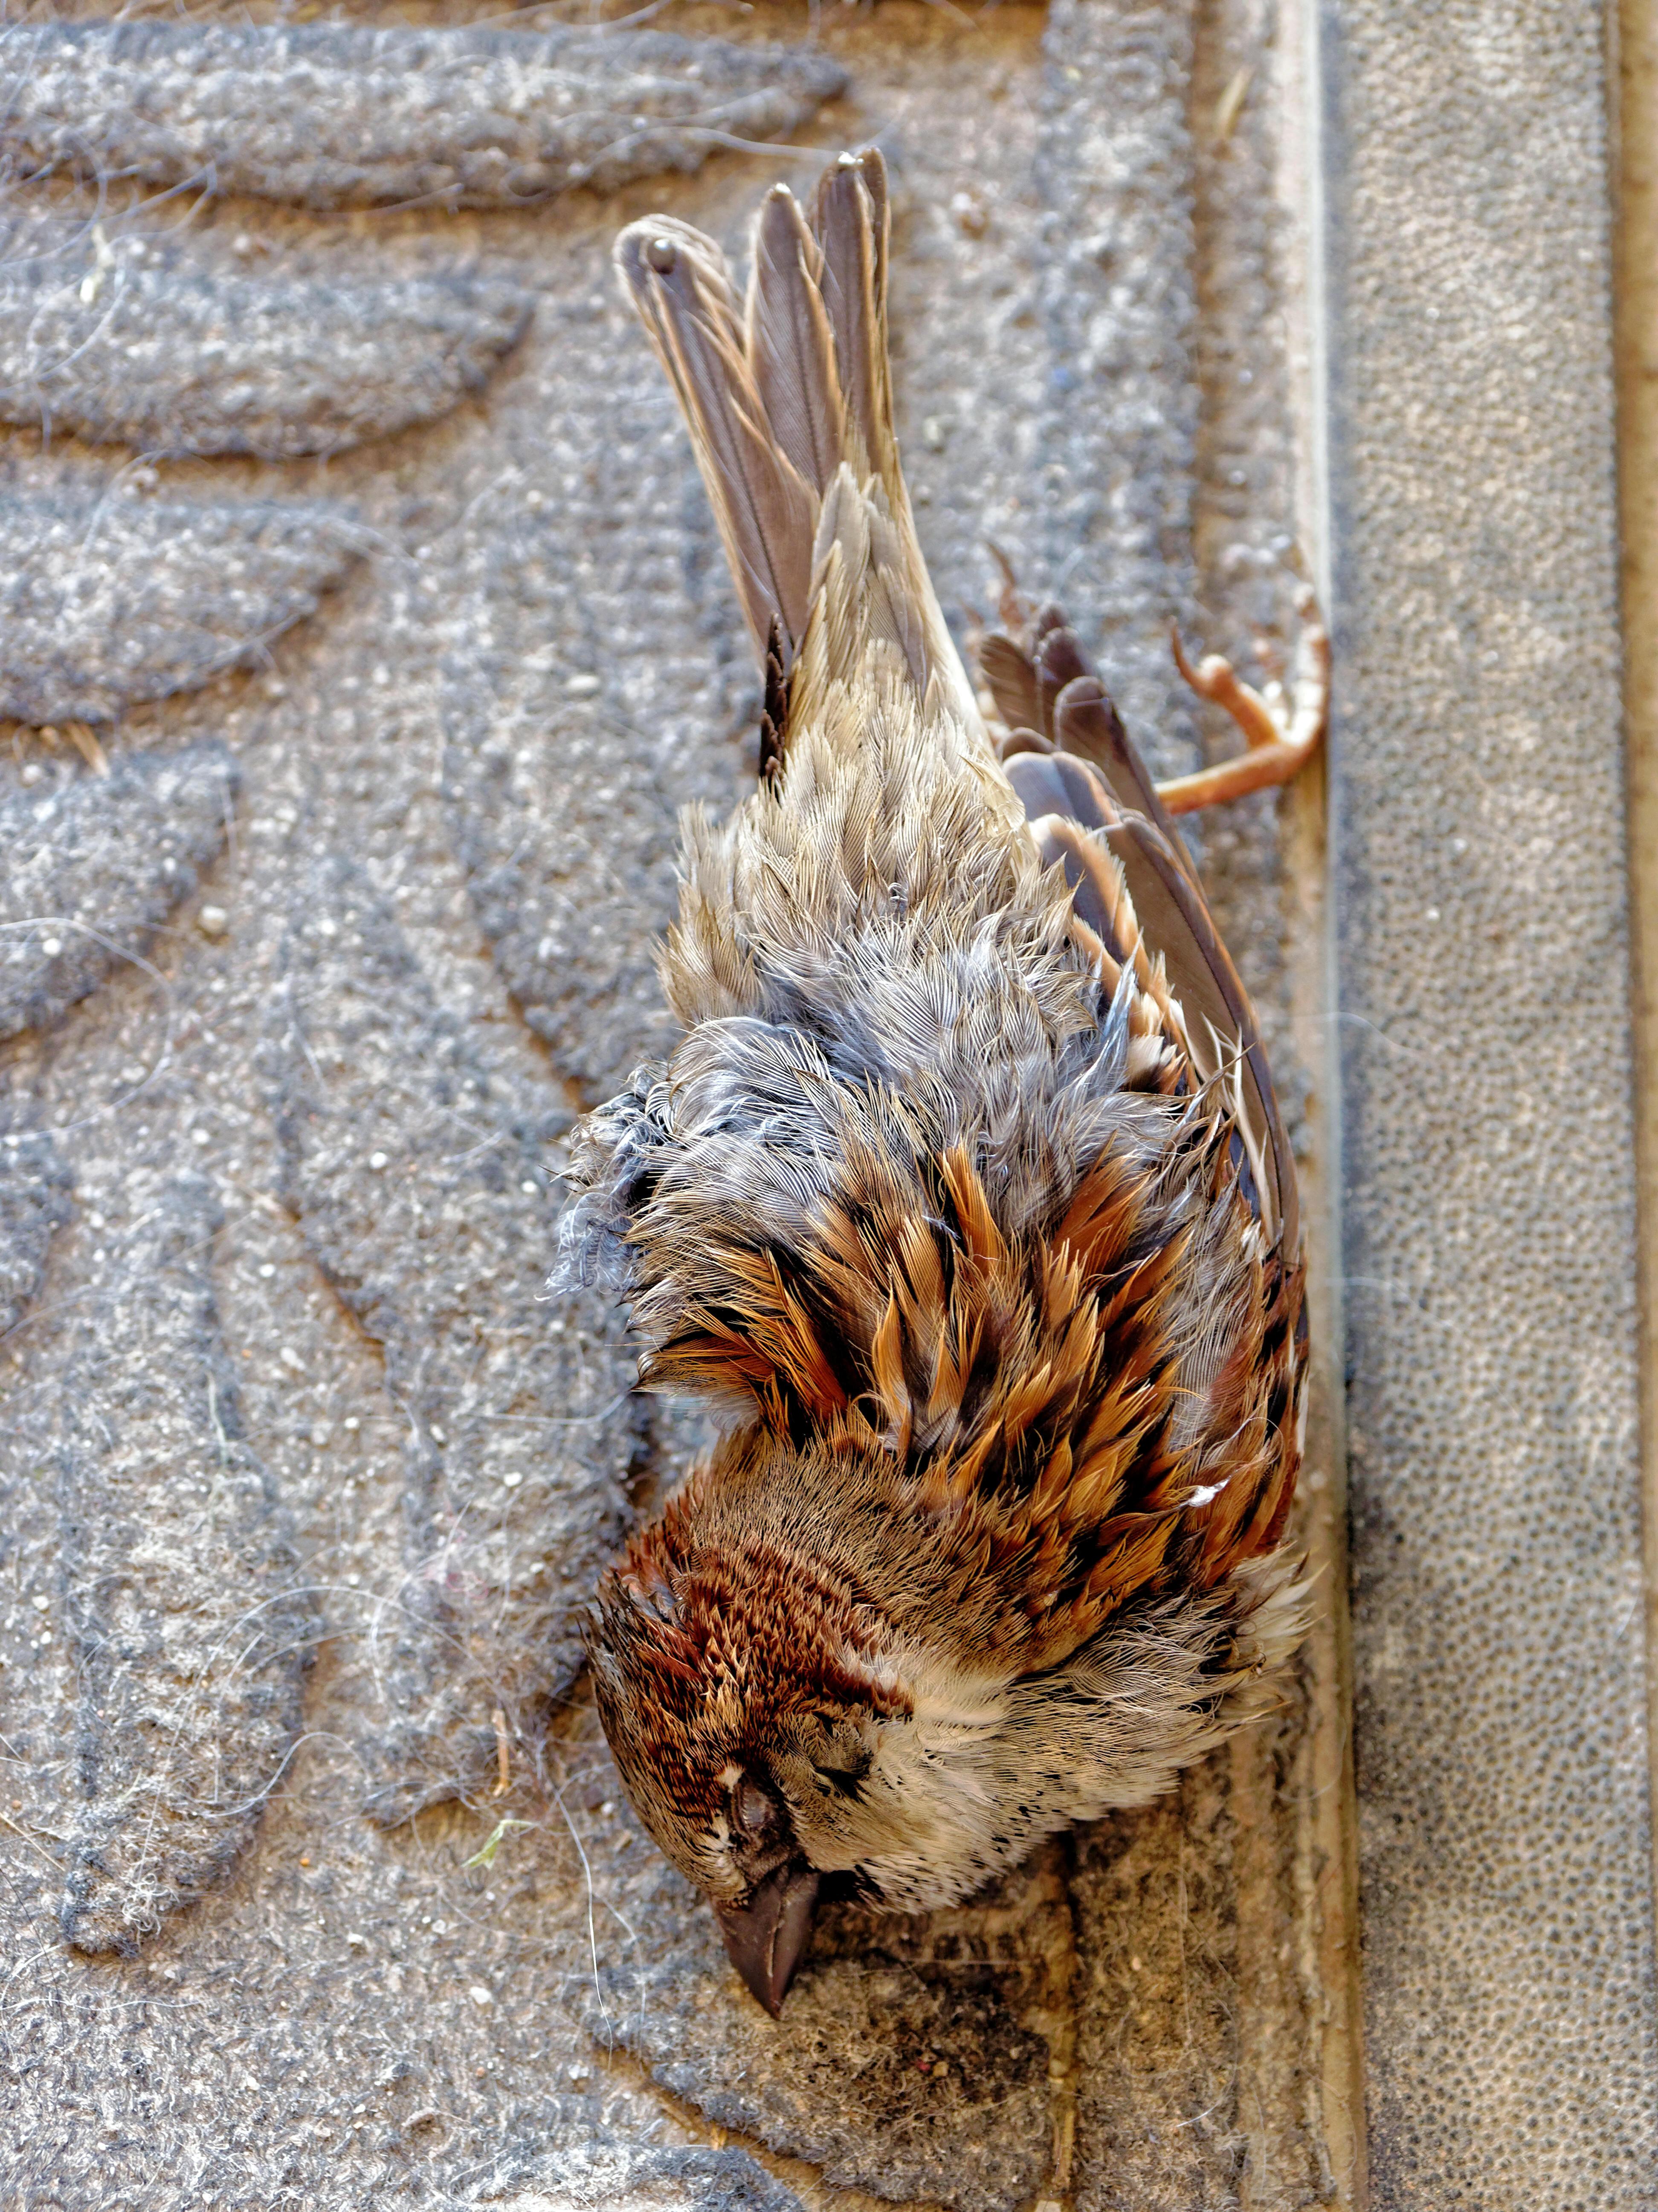 Dead-sparrow-3.jpeg